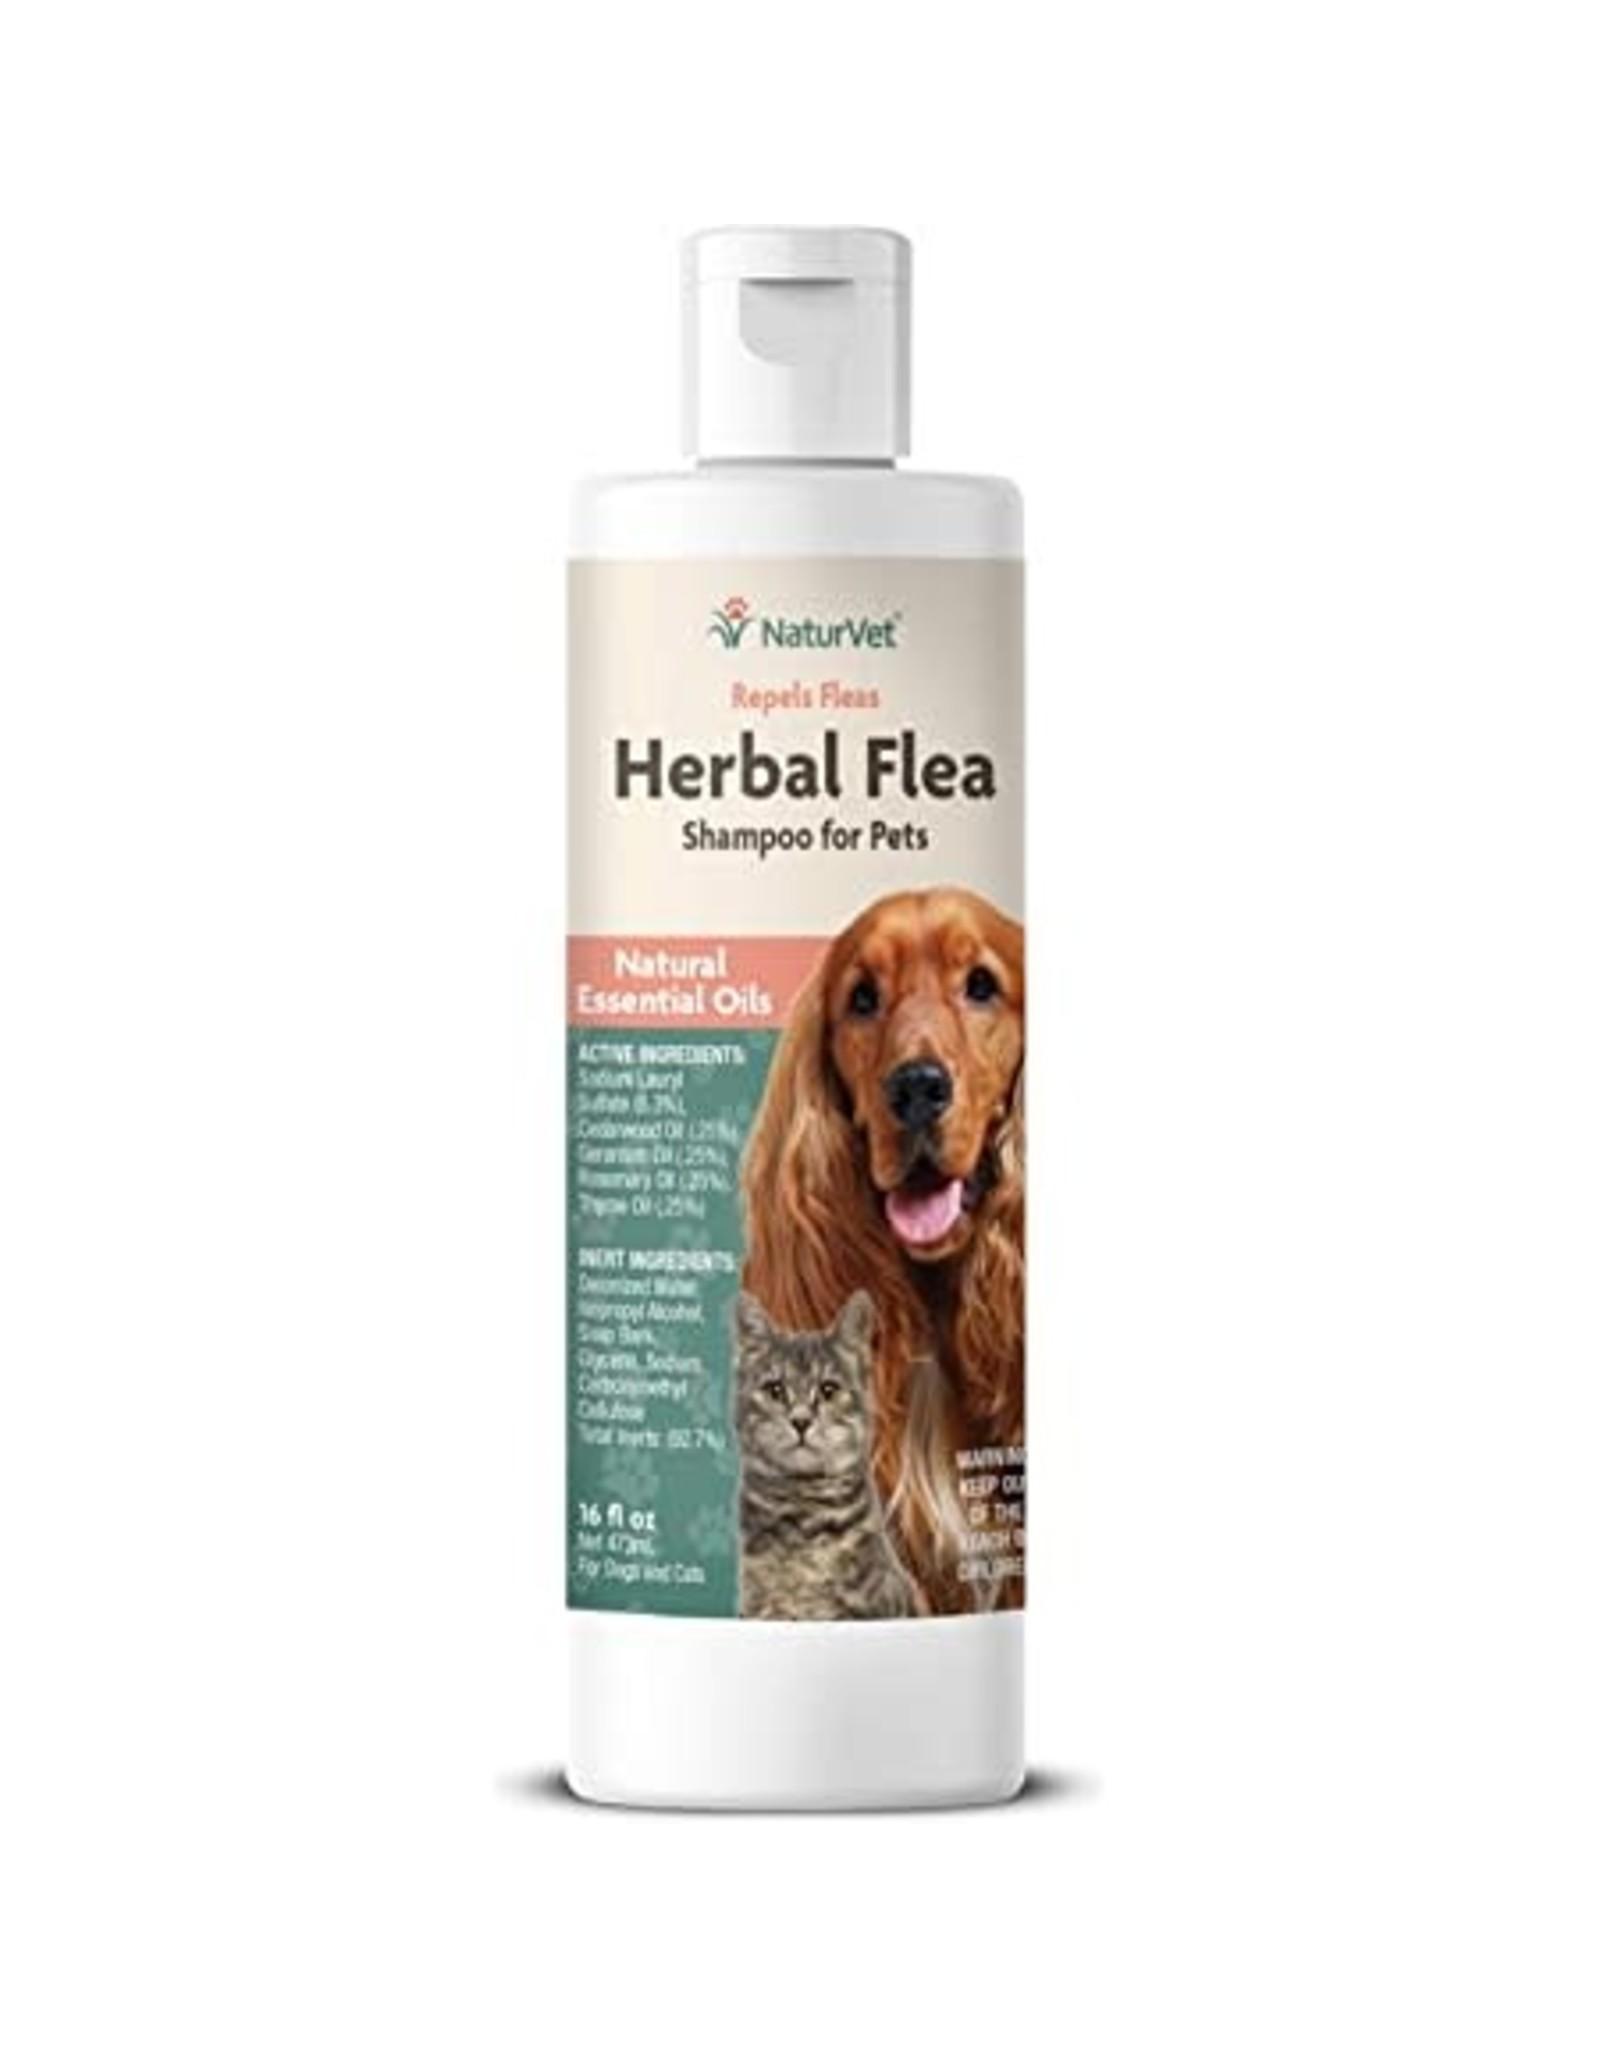 NaturVet NATURVET DOG/ CAT HERBAL FLEA WITH ESSENTIAL OILS SHAMPOO 16OZ